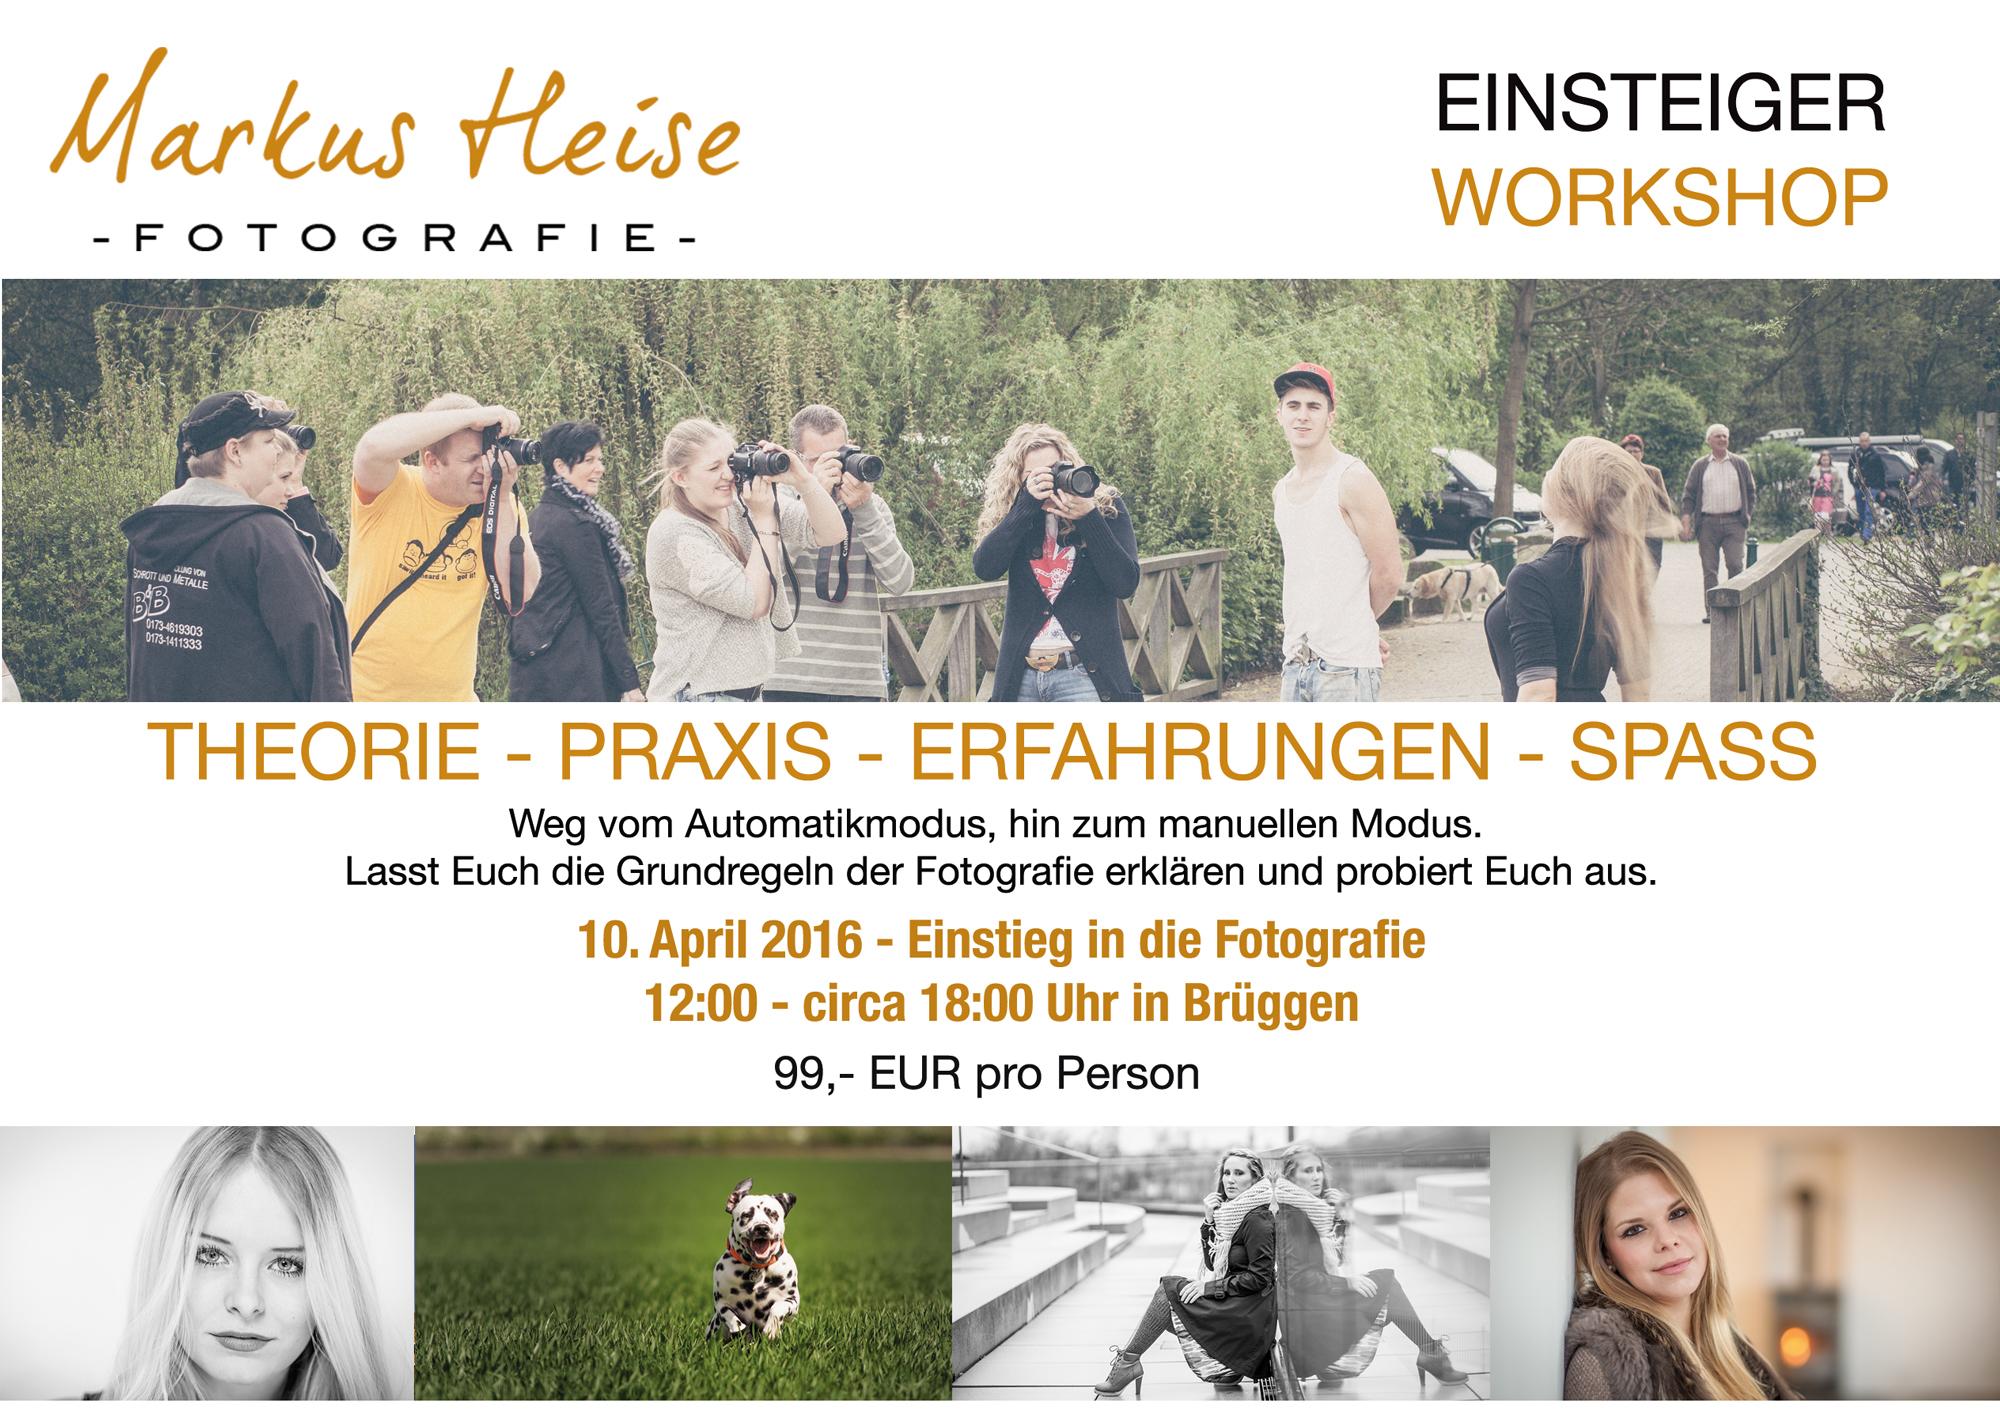 Fotokurs: Einstieg in die Forografie am 10.04.2016 in Brüggen ...